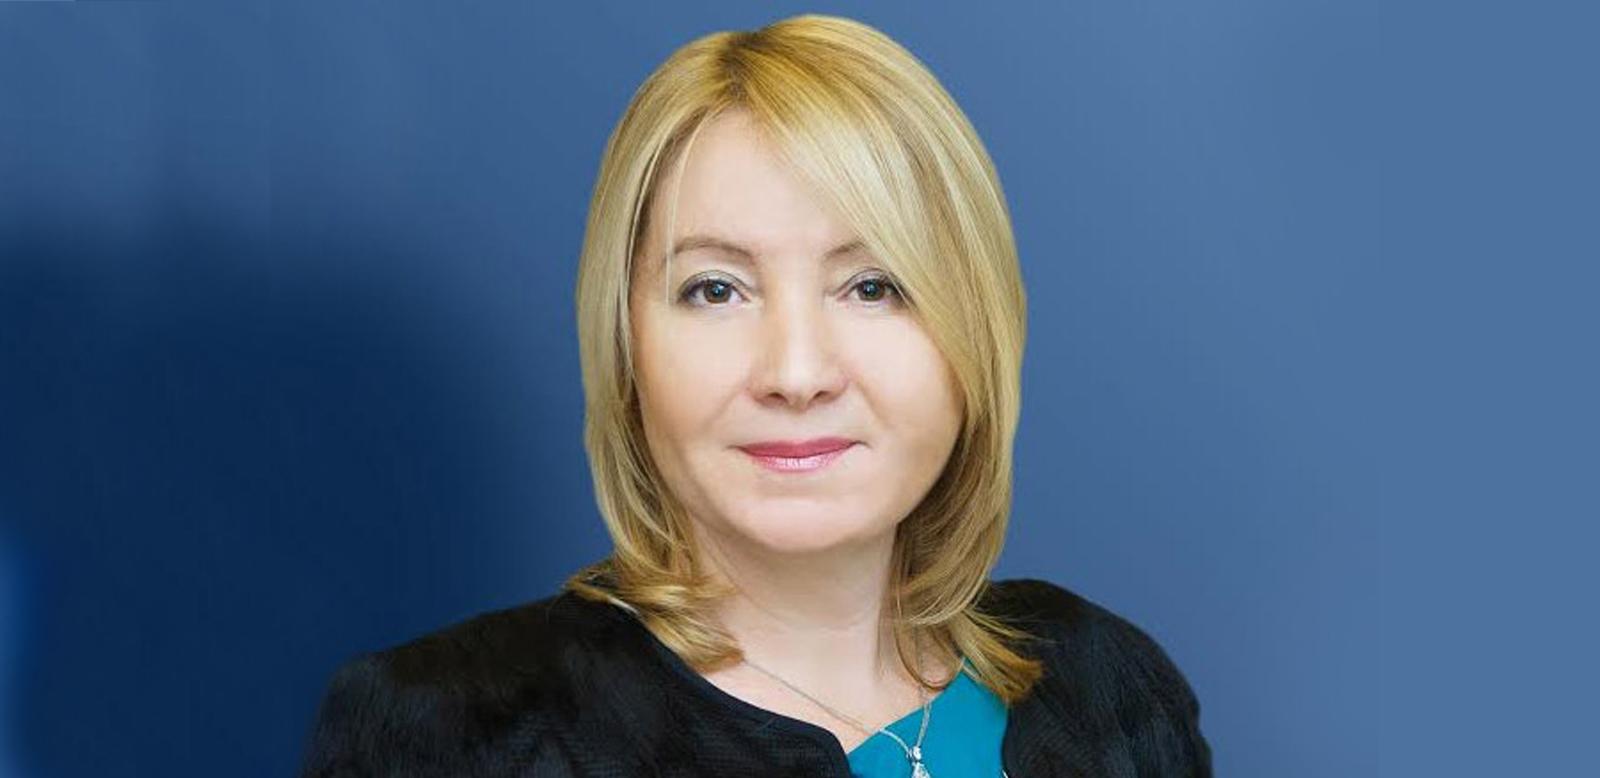 Ирина Доброхотова: новые перспективы Новой Москвы